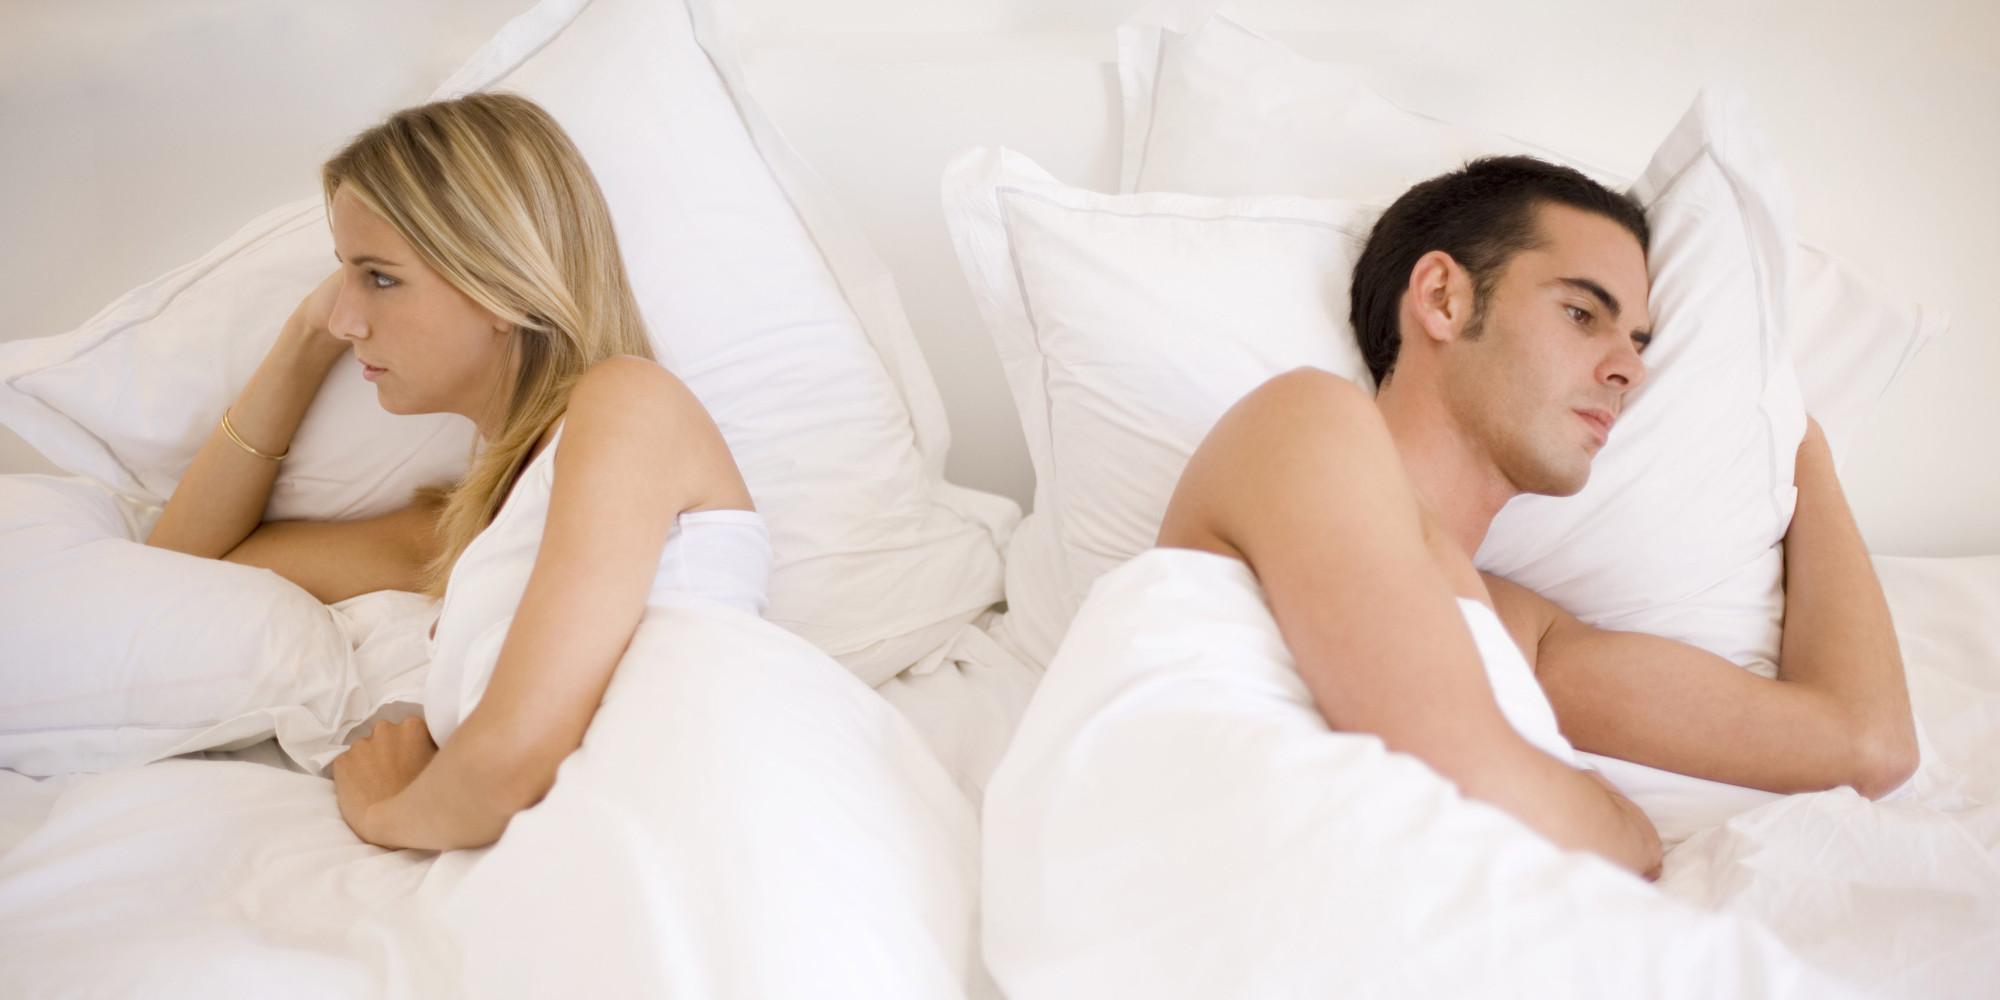 Come fare per superare l'insoddisfazione del sesso